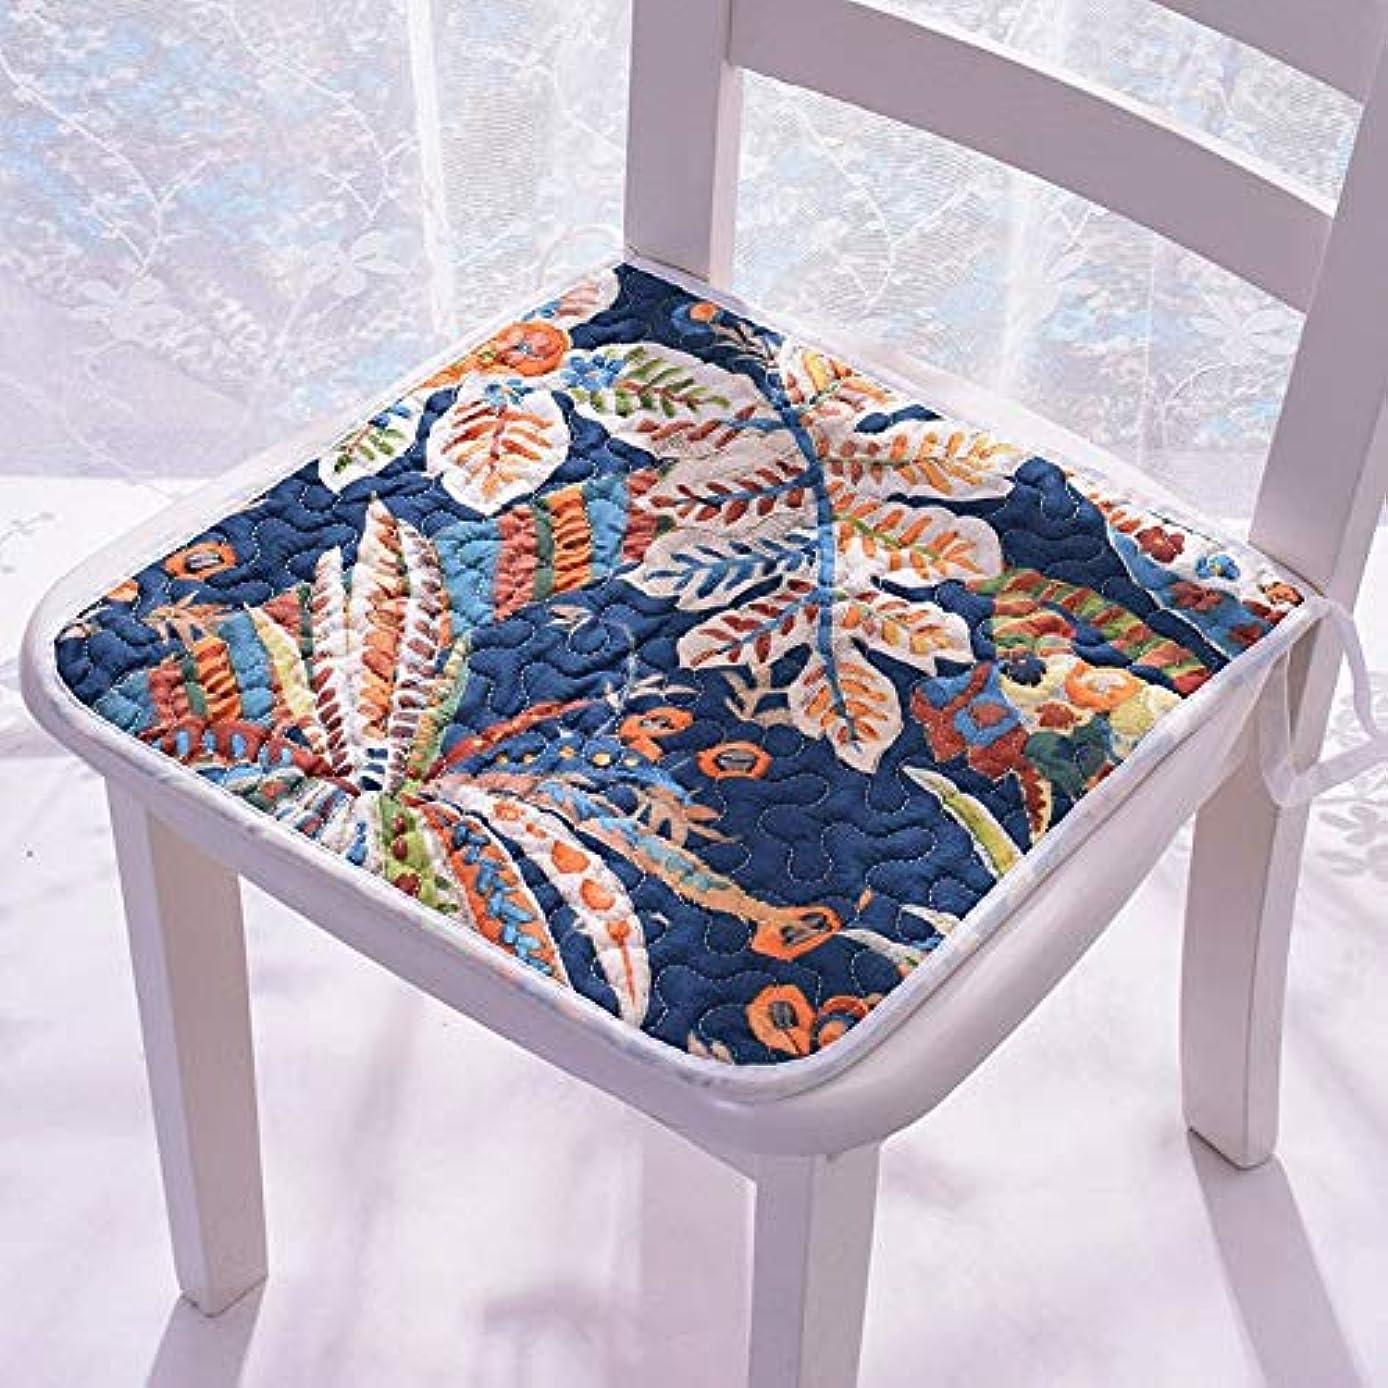 まだ灰ホステスLIFE 現代スーパーソフト椅子クッション非スリップシートクッションマットソファホームデコレーションバッククッションチェアパッド 40*40/45*45/50*50 センチメートル クッション 椅子